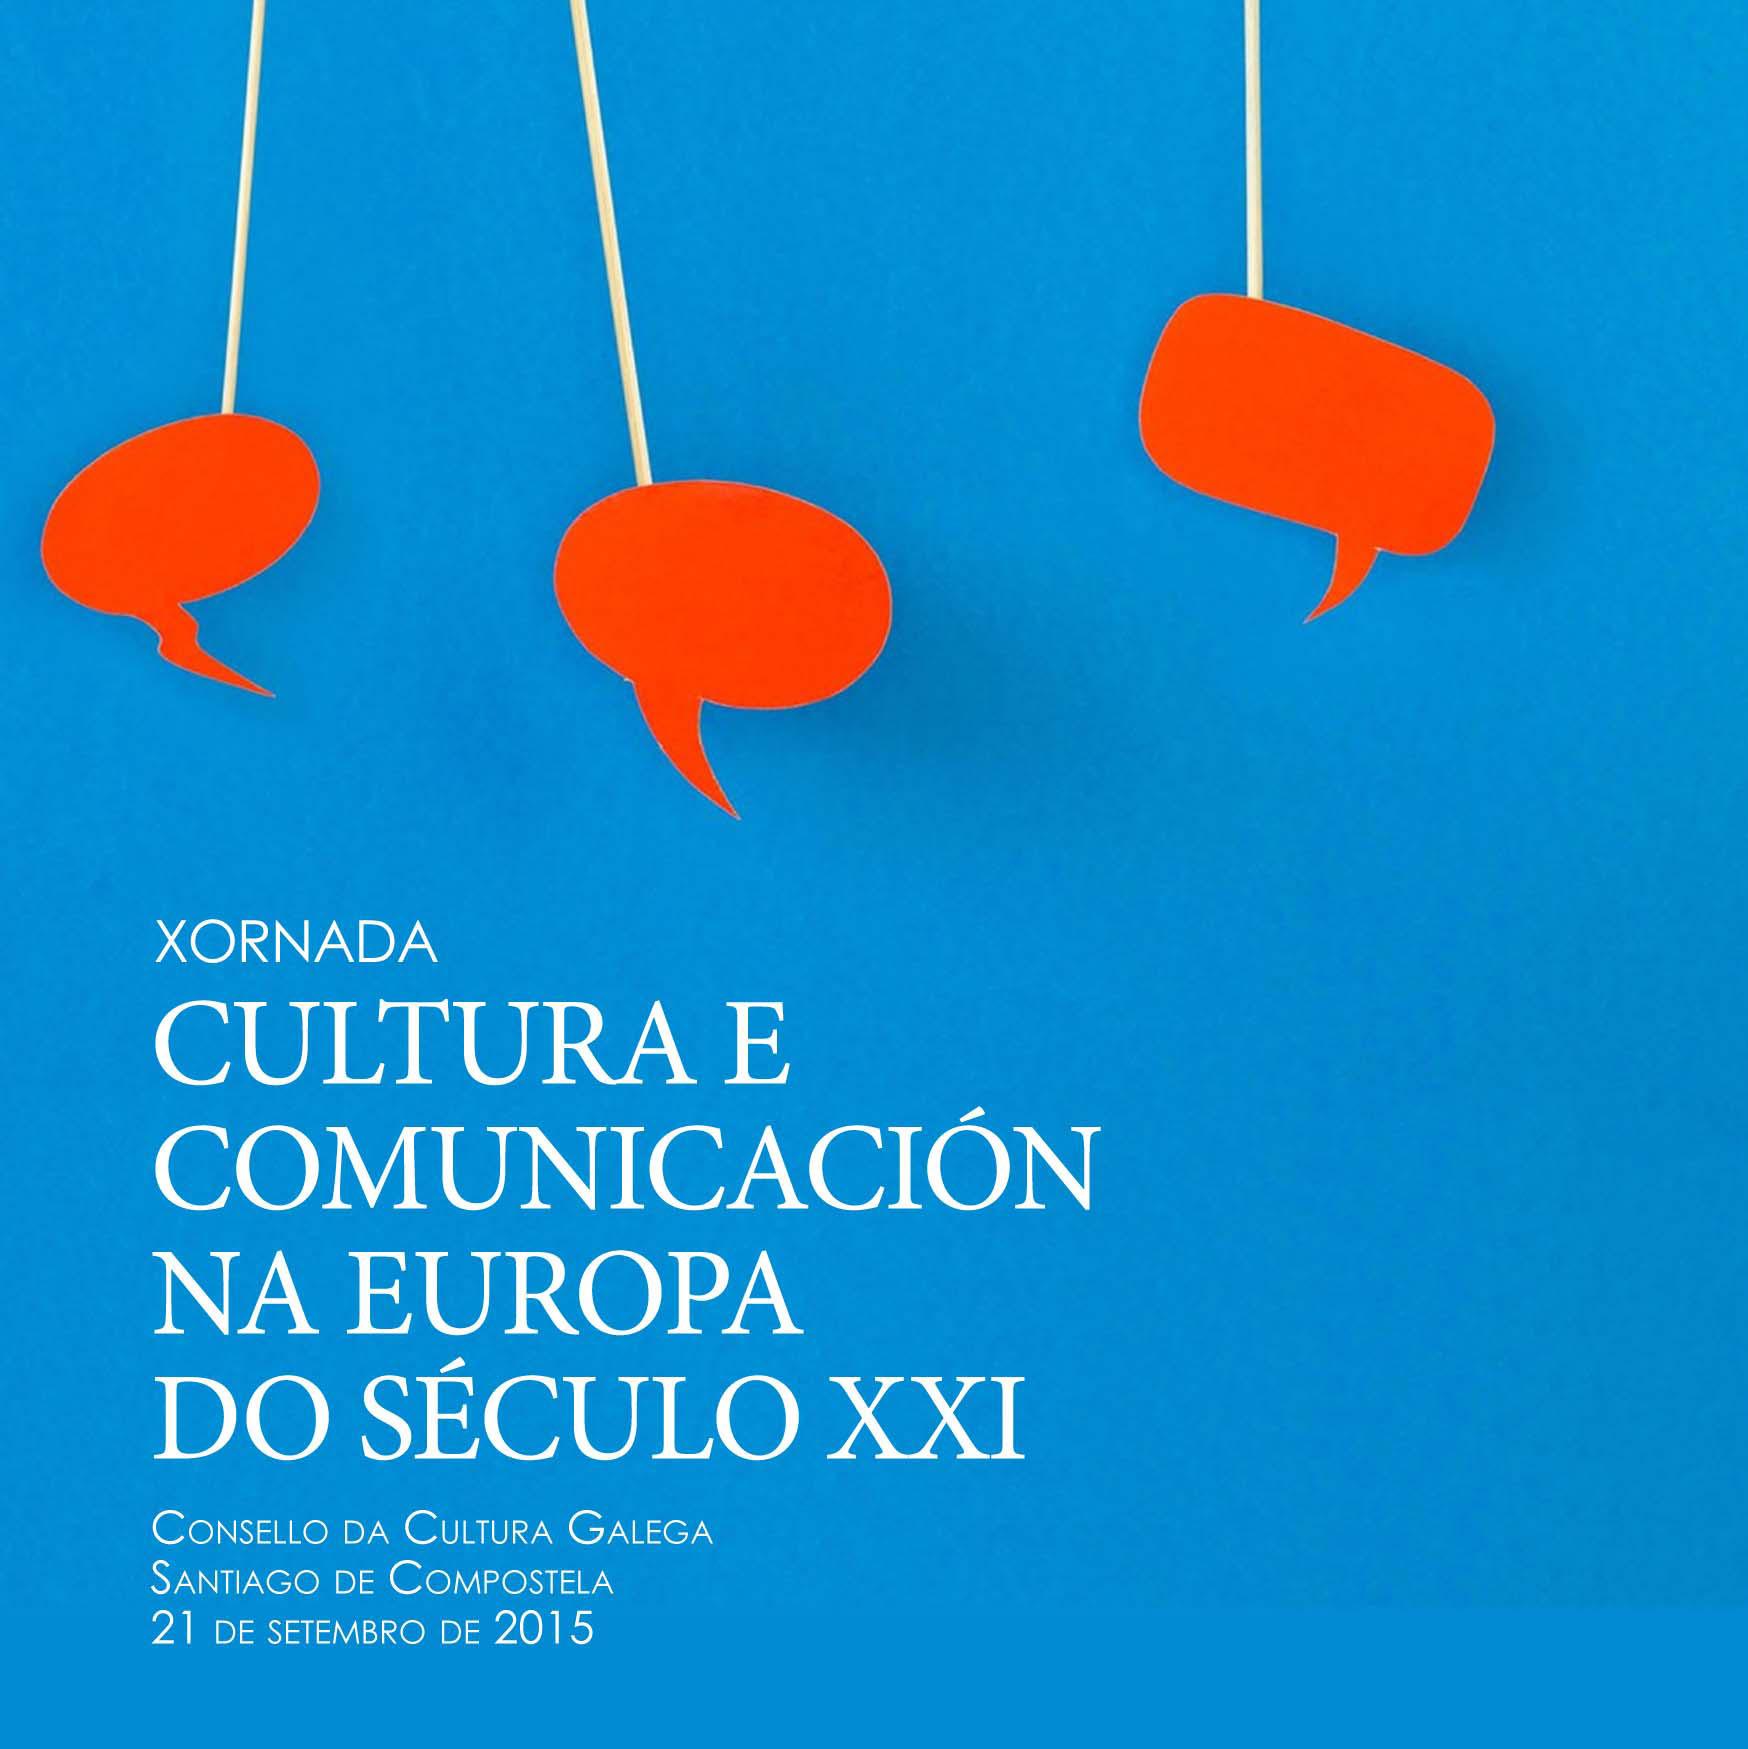 Cultura e comunicación na Europa do século XXI